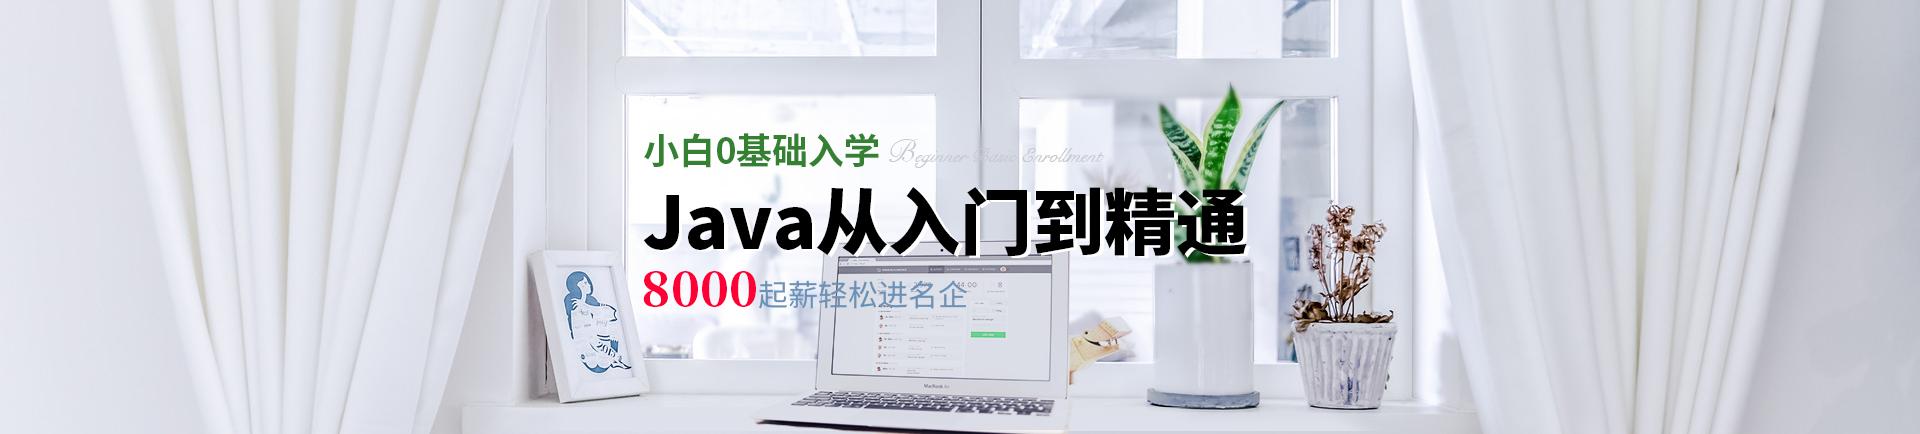 �白0基础入学 Java从入门到精通 8000起薪轻�进��-beijing